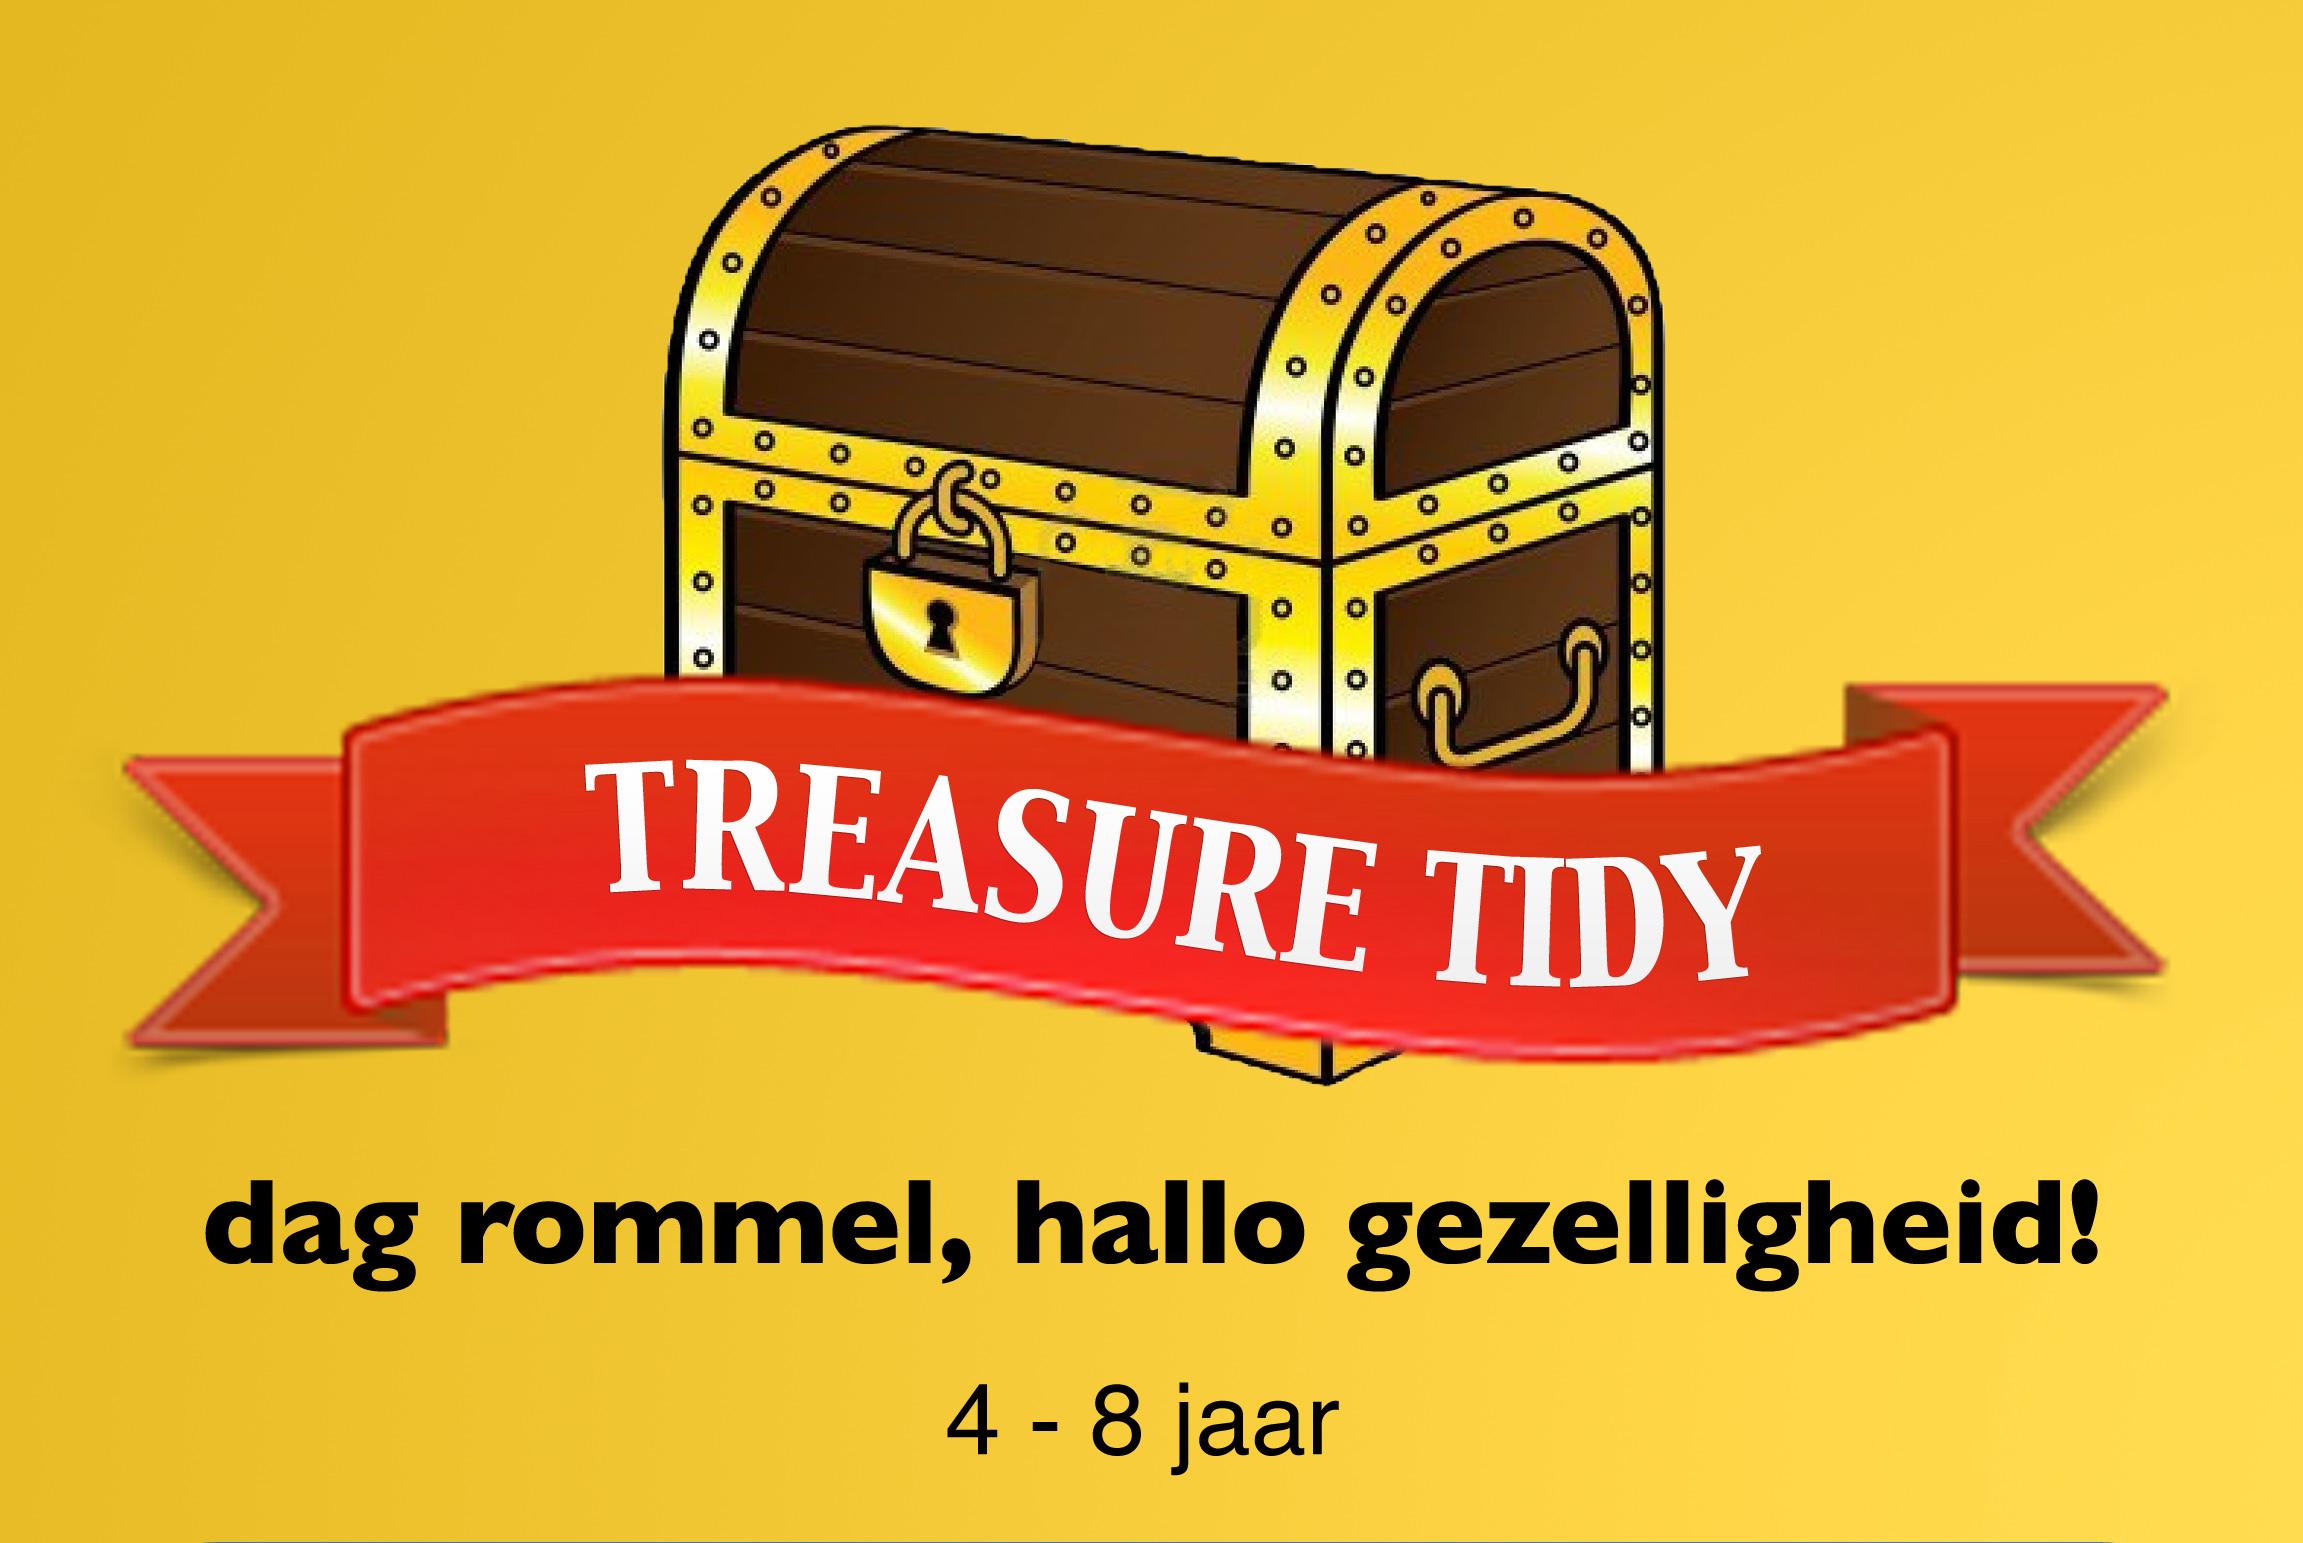 treasuretidylogo